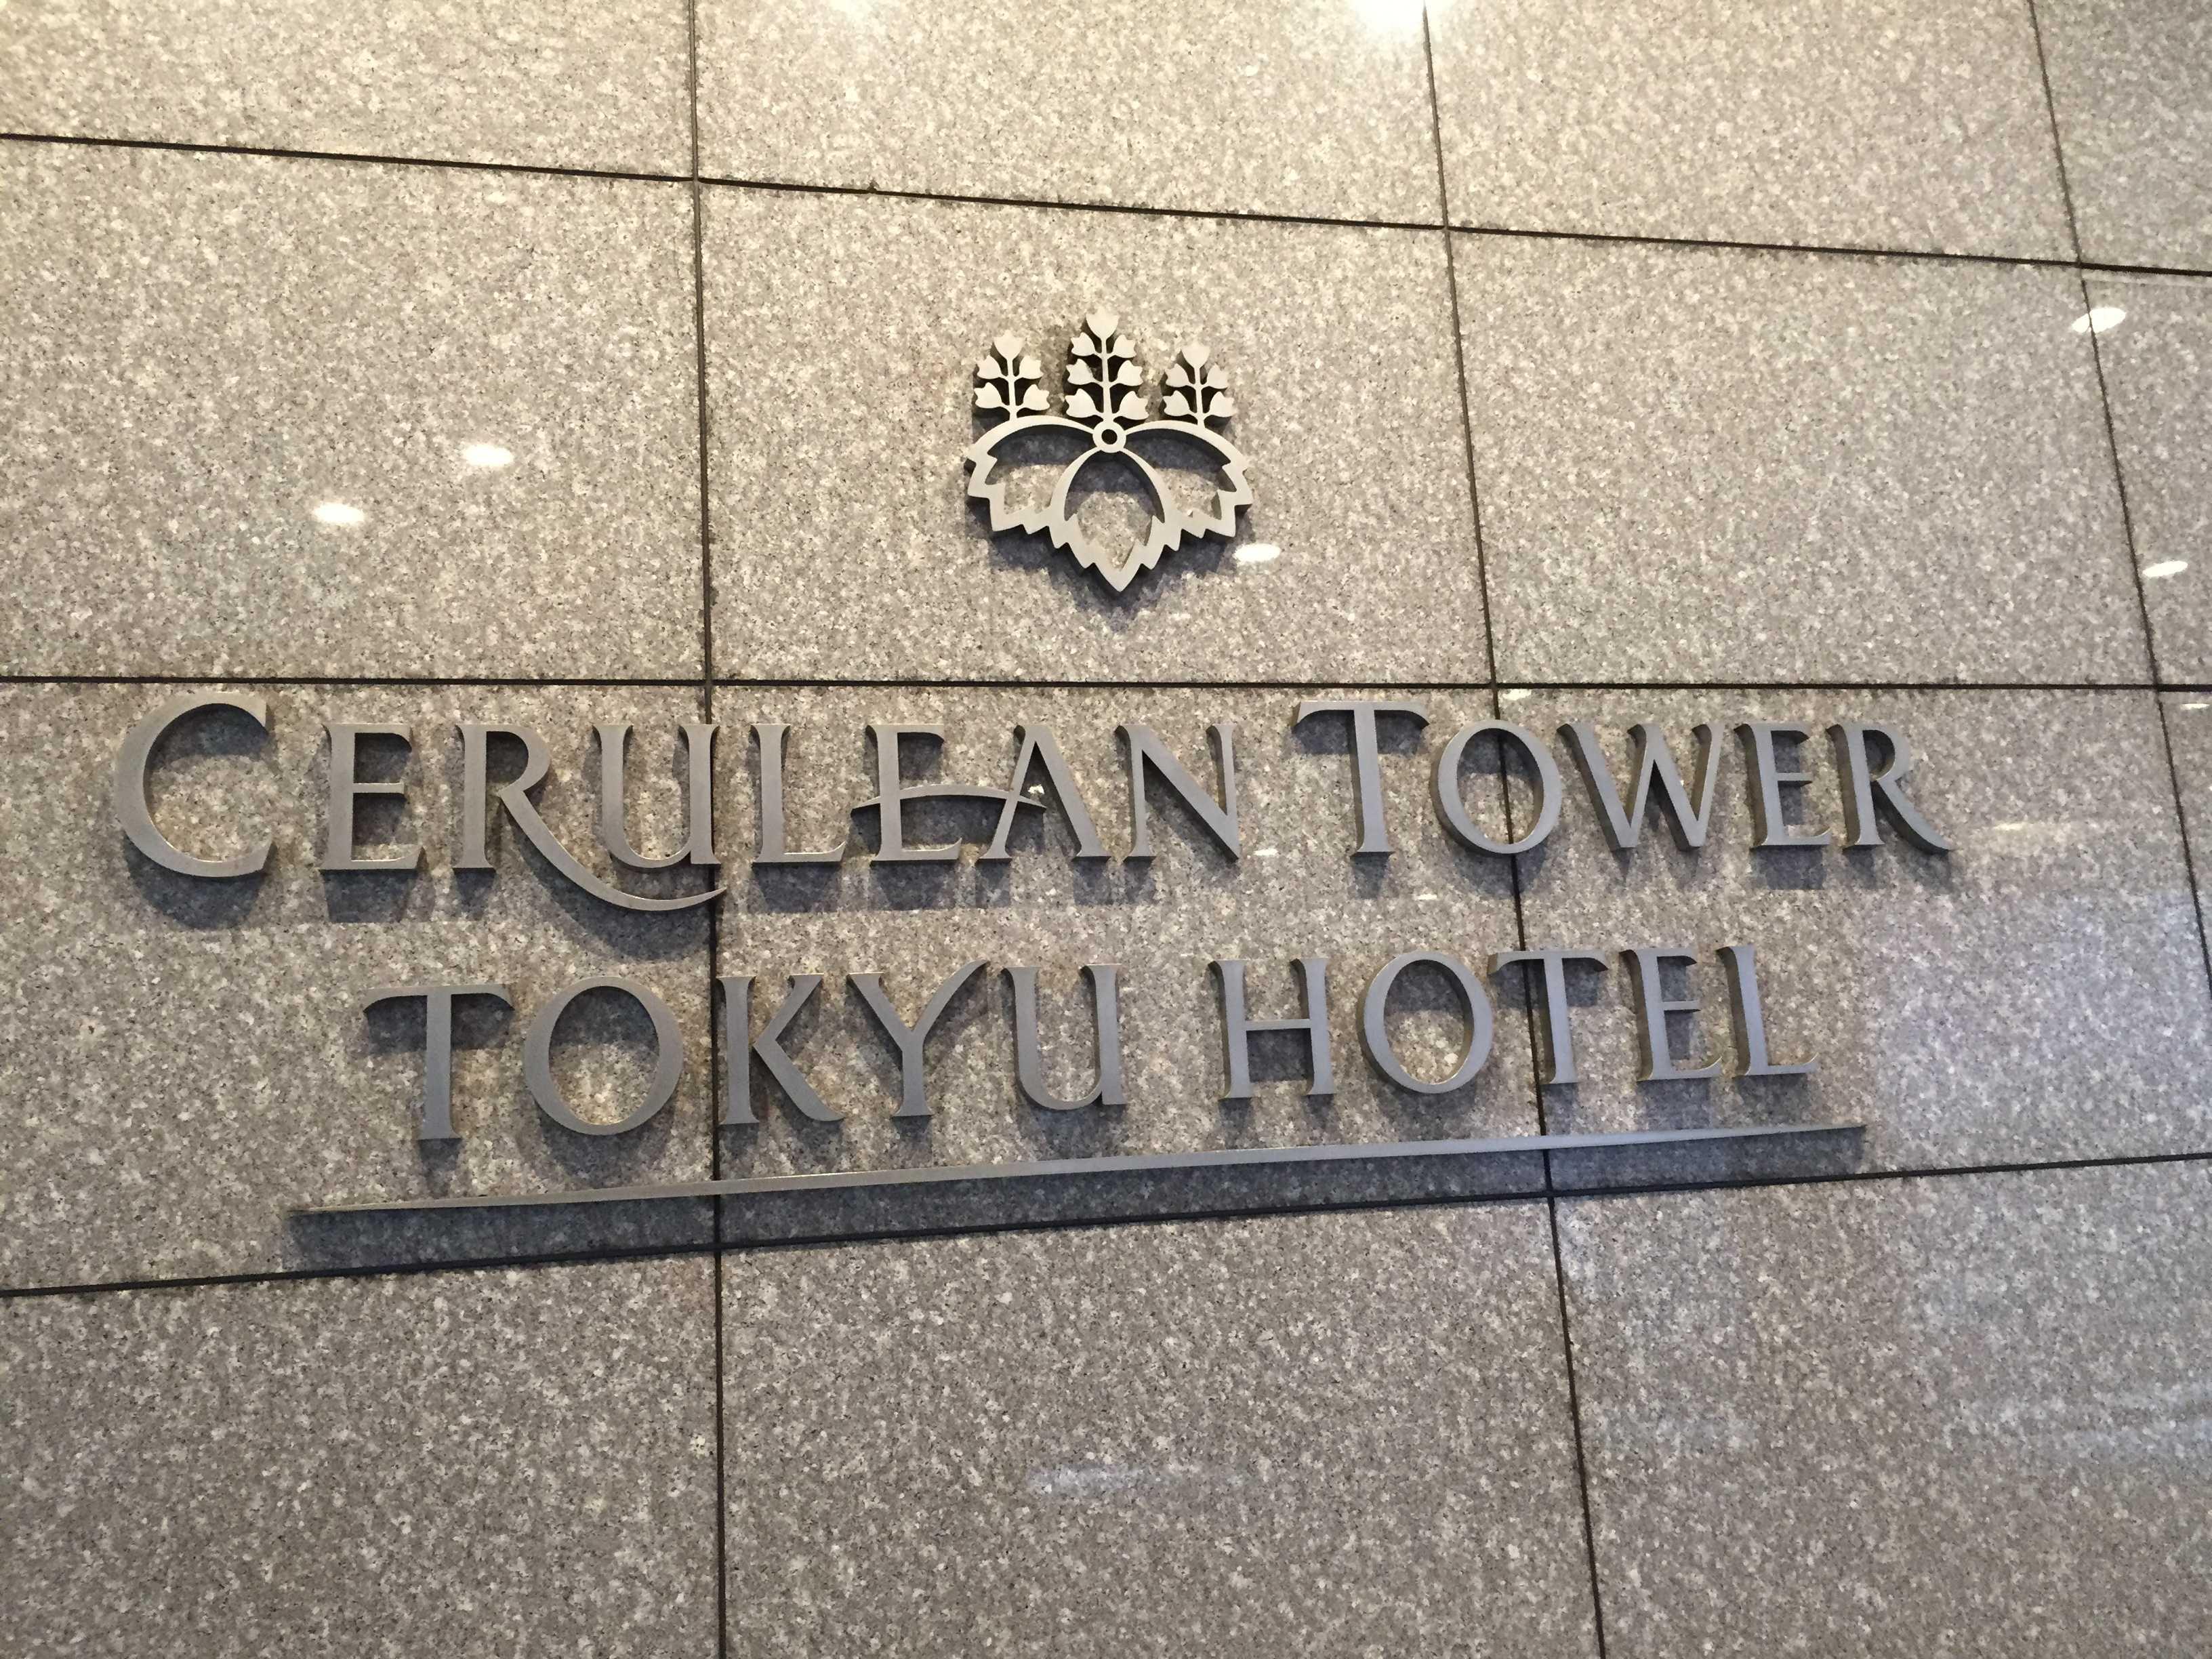 セルリアンタワー東急ホテル(東京都渋谷区)